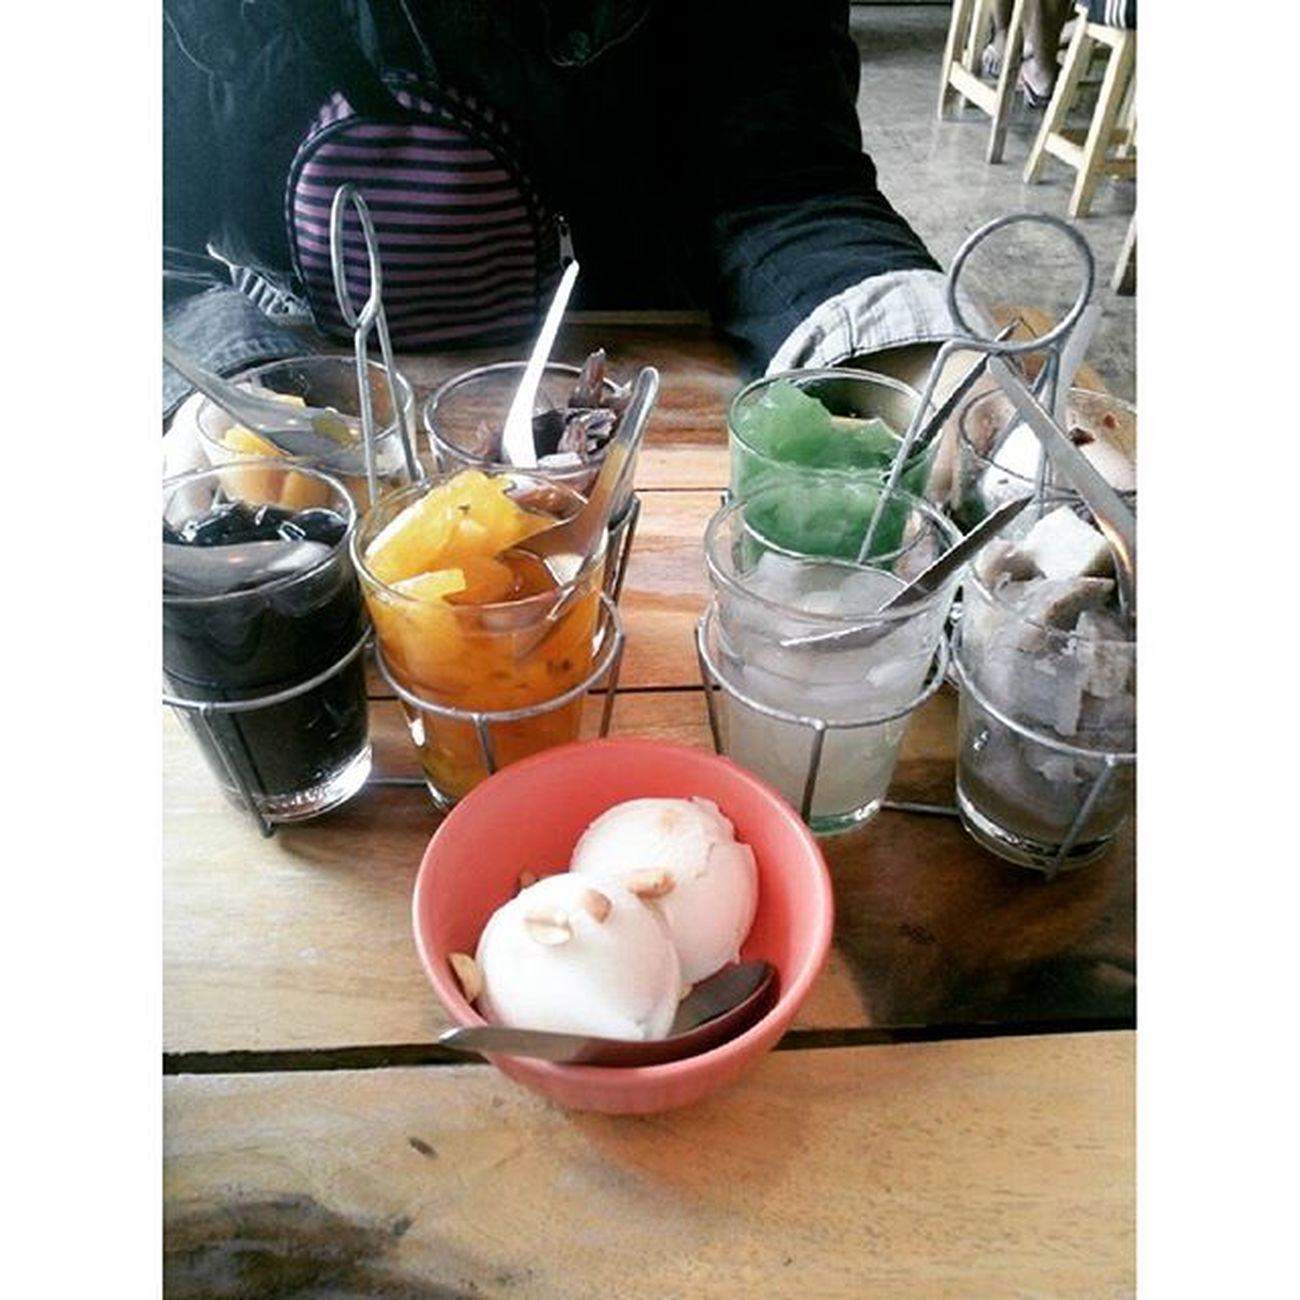 ไอติมกะทิเครื่องตามใจ นี้ตั้งชื่อเมนูเอง 5555 Reviewkorat Review Food Thailand